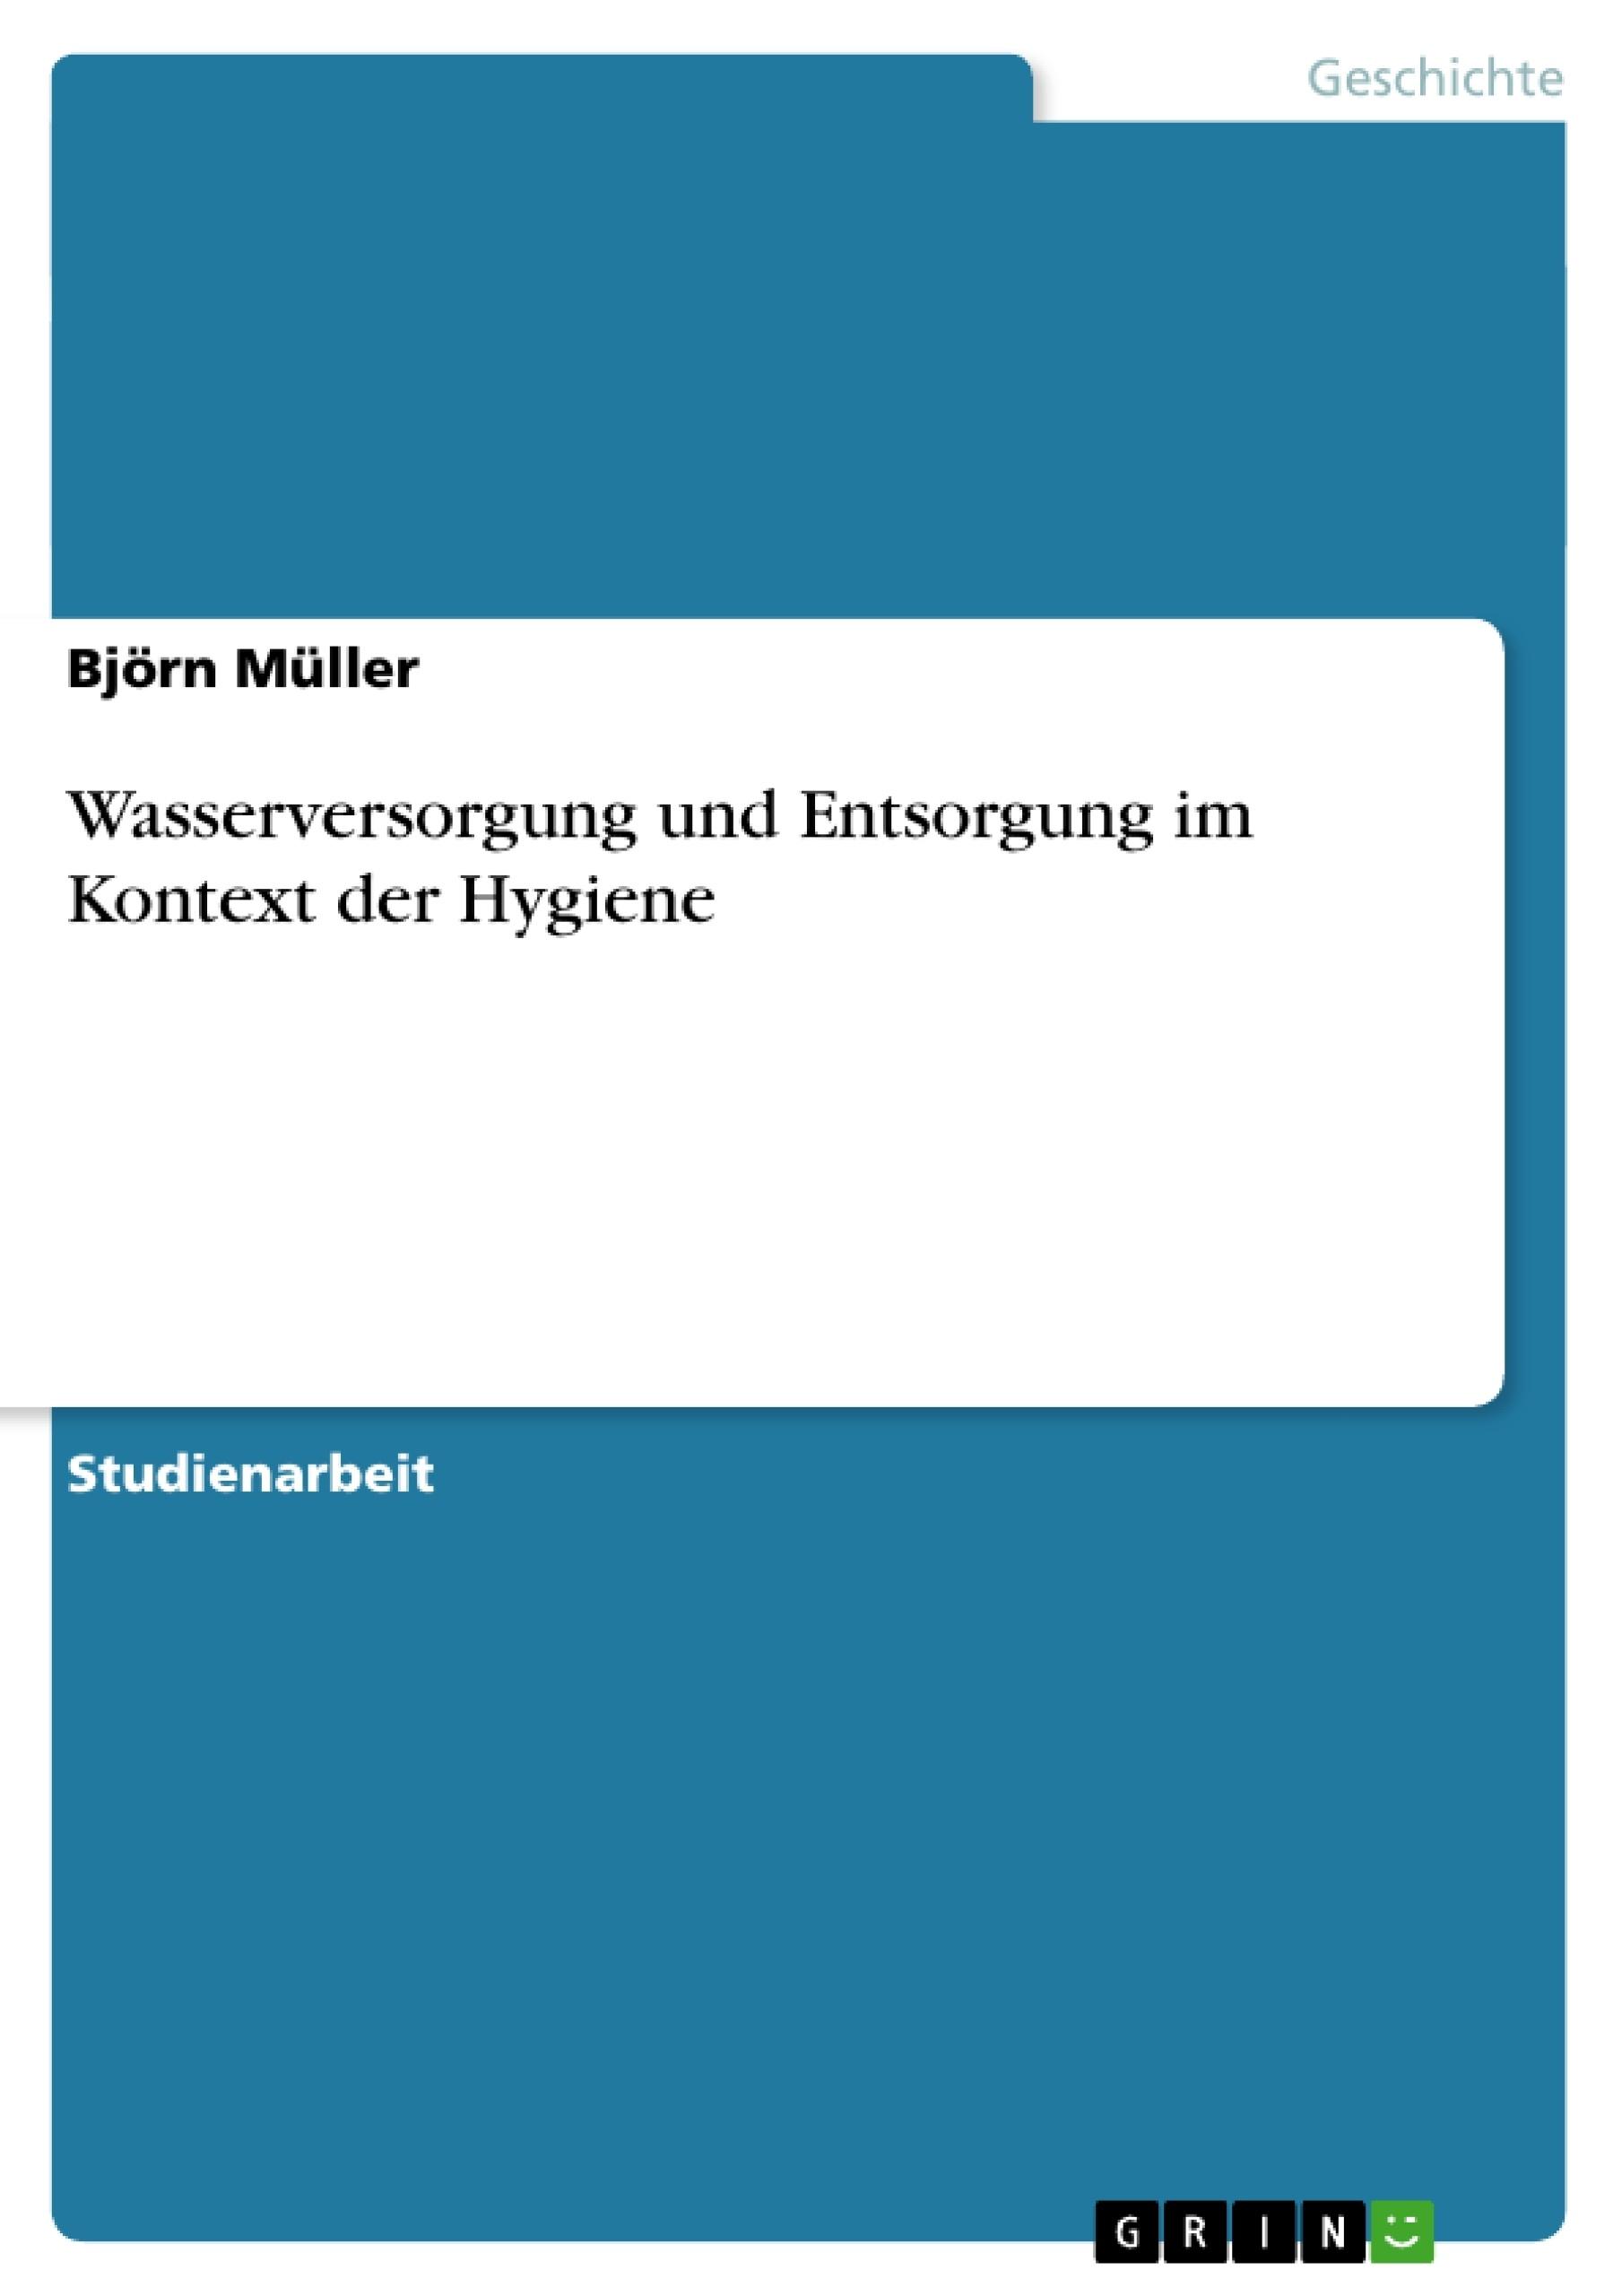 Titel: Wasserversorgung und Entsorgung im Kontext der Hygiene